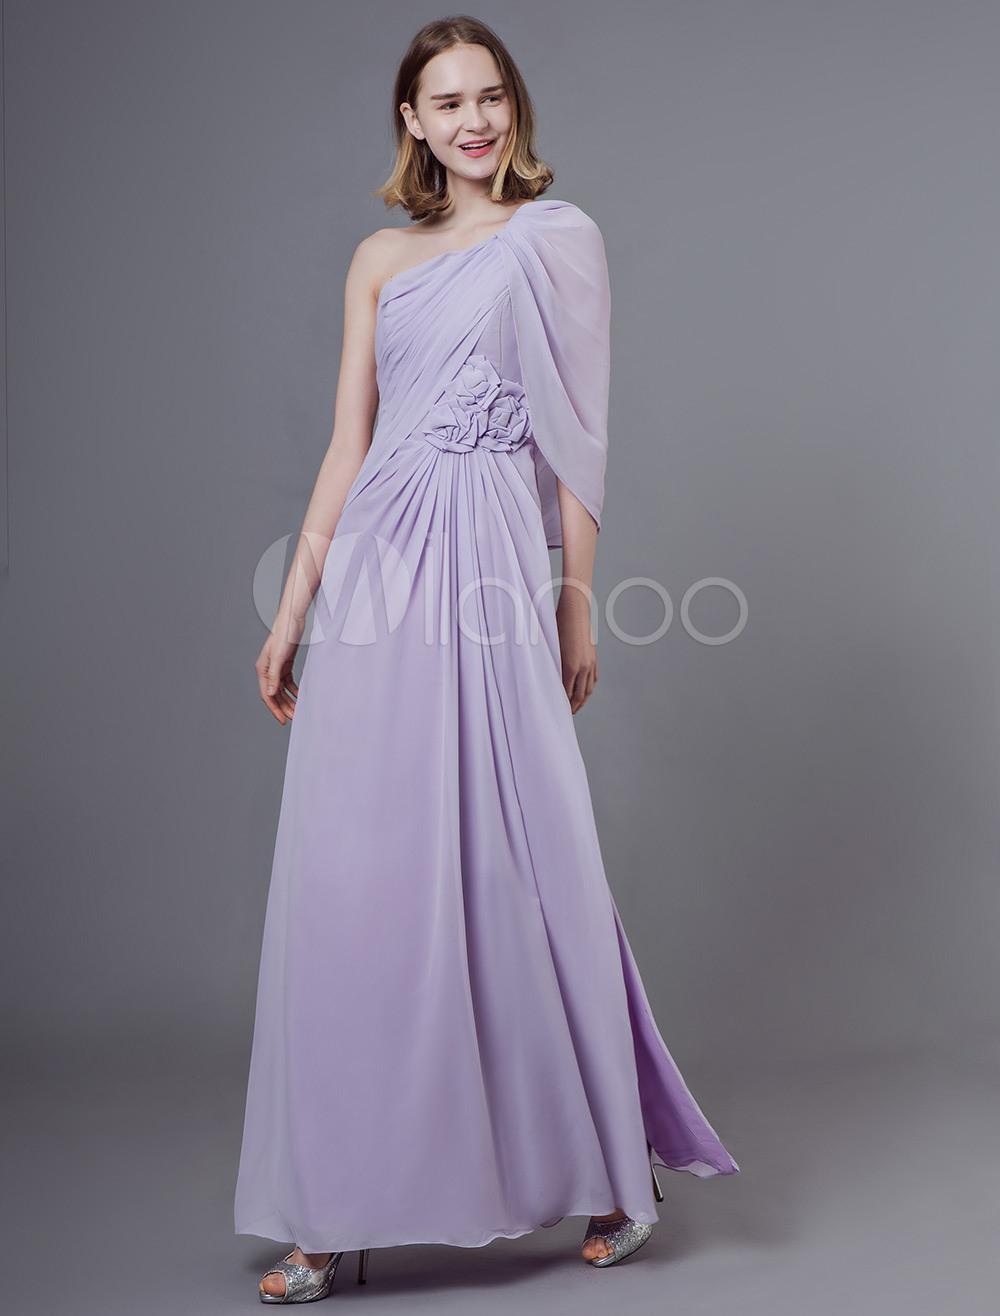 13 Cool Kleid Flieder Lang Vertrieb13 Kreativ Kleid Flieder Lang Bester Preis